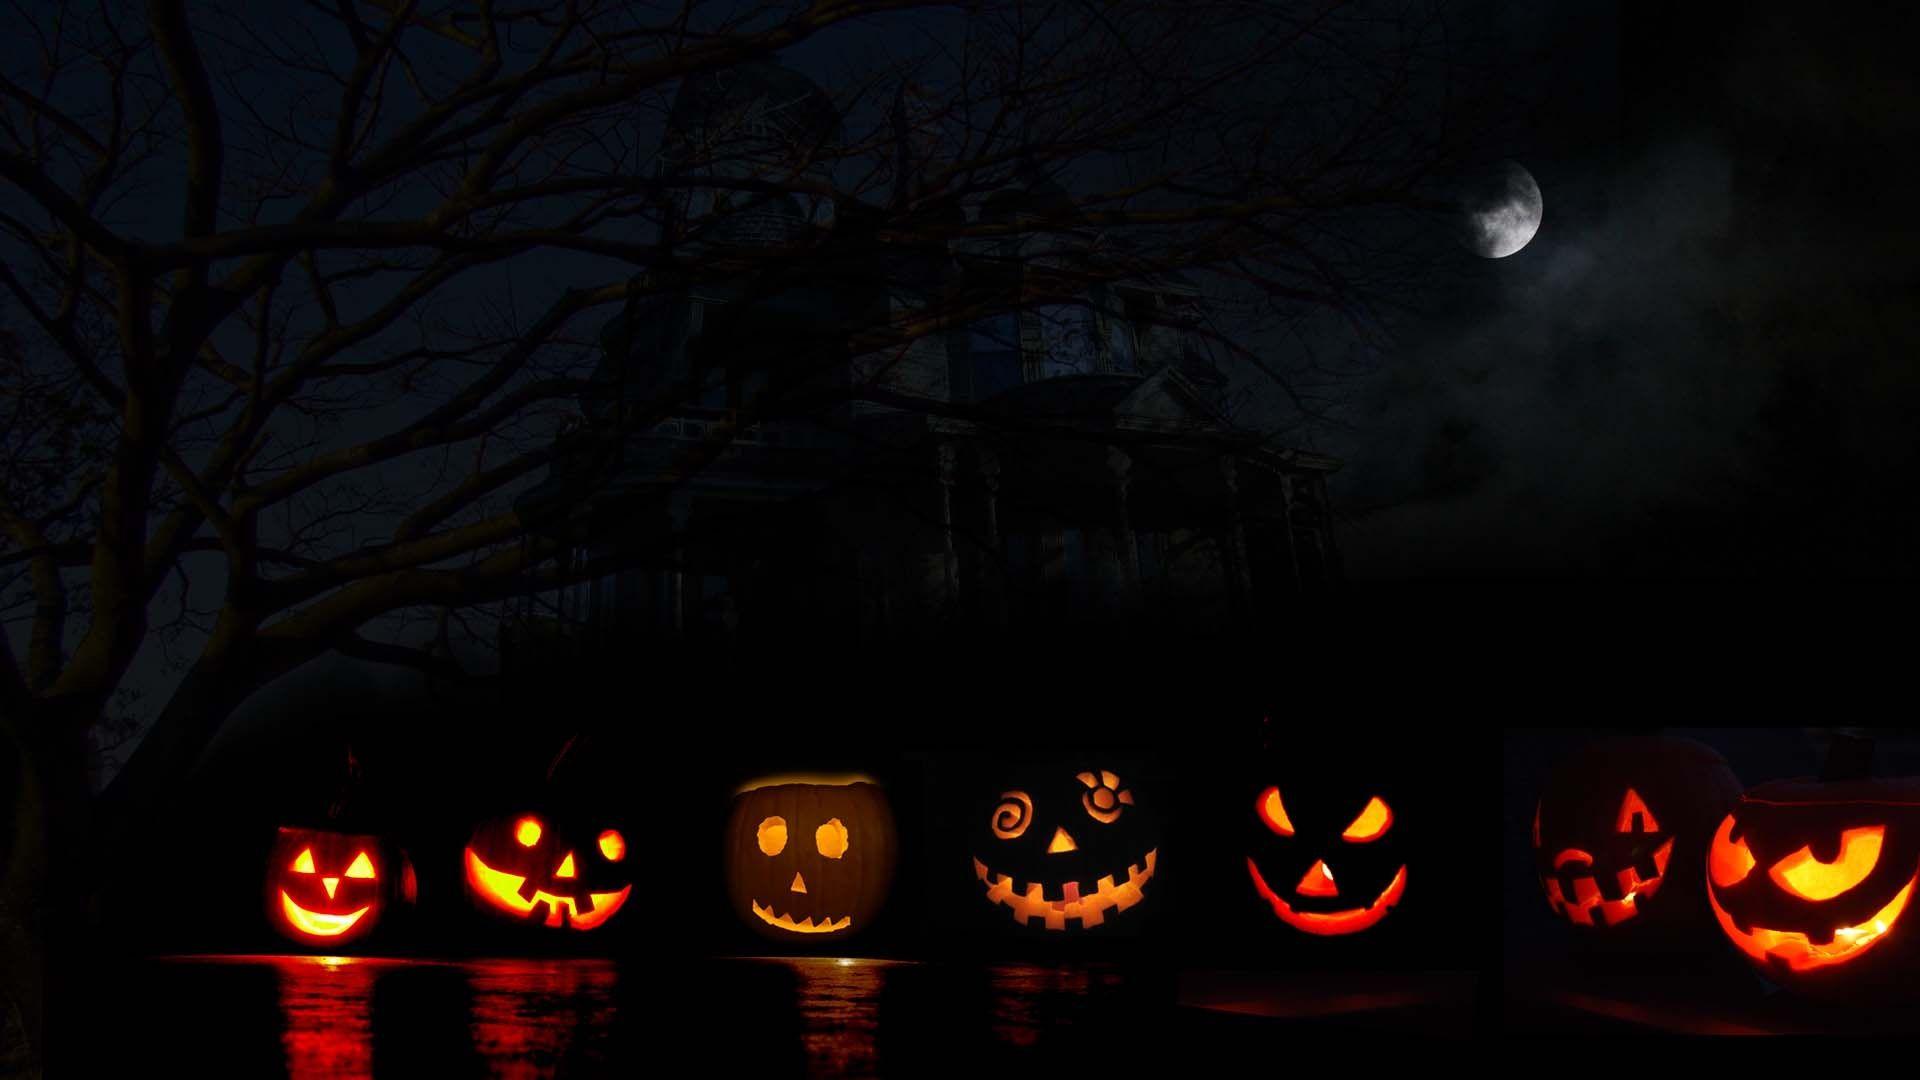 halloween wallpaper images | cute wallpapers | pinterest | wallpaper